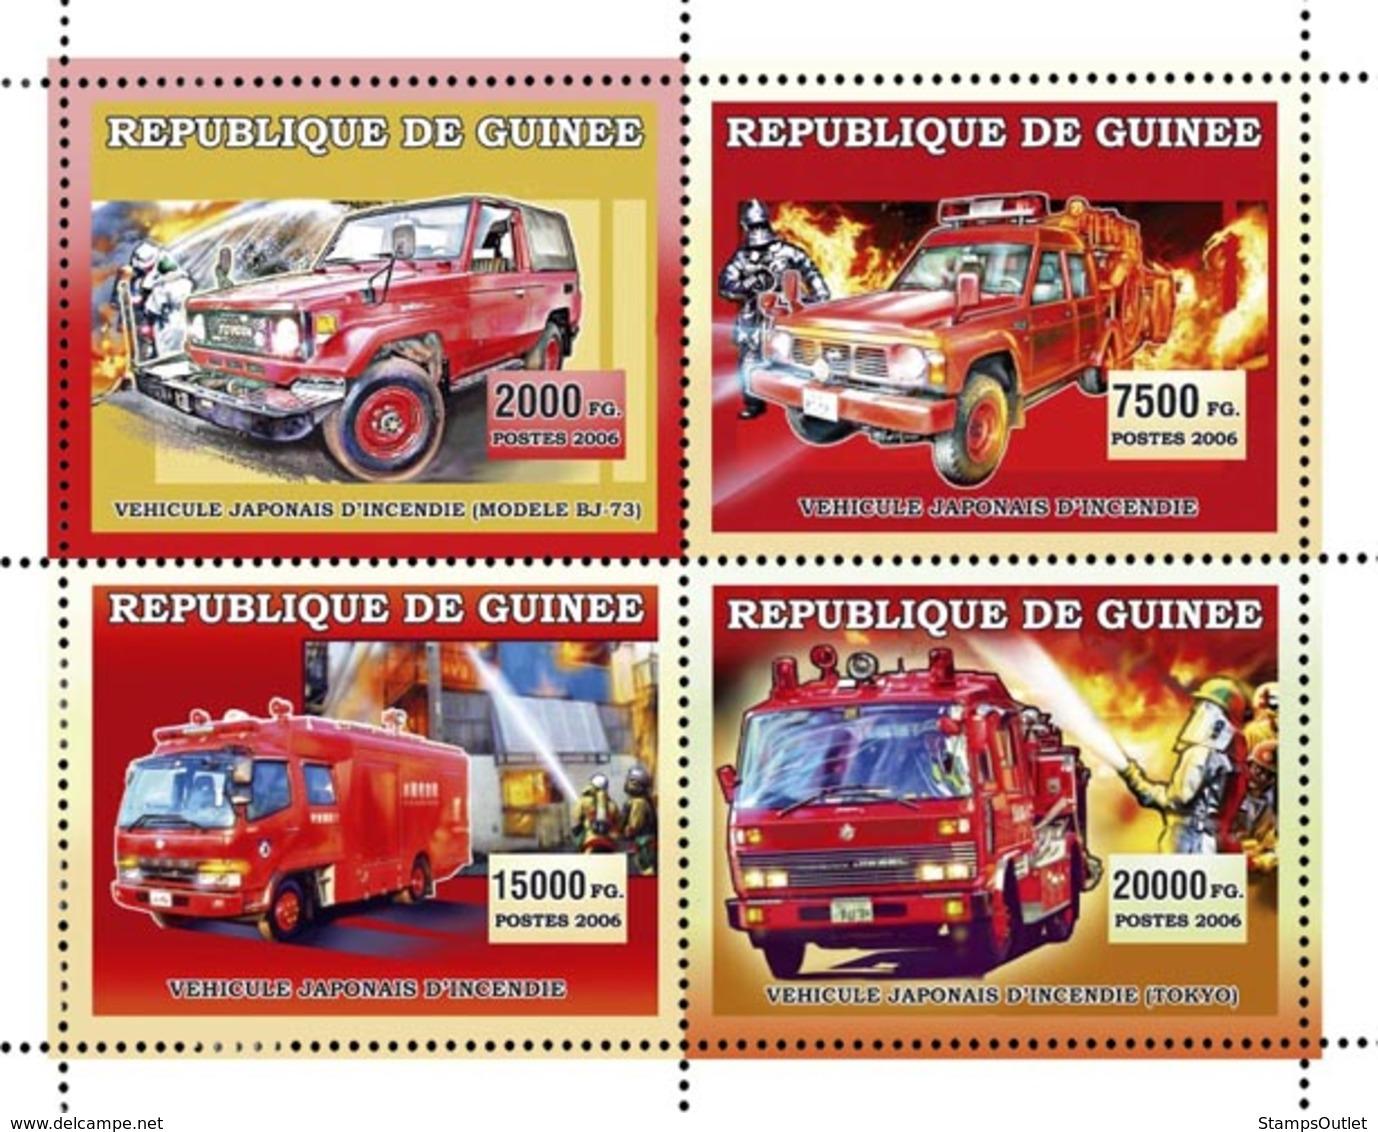 Guinea 2006 MNH - Vehicules Pompiers Japonais - YT 2787-2790, Mi 4437-4440 - Guinea (1958-...)